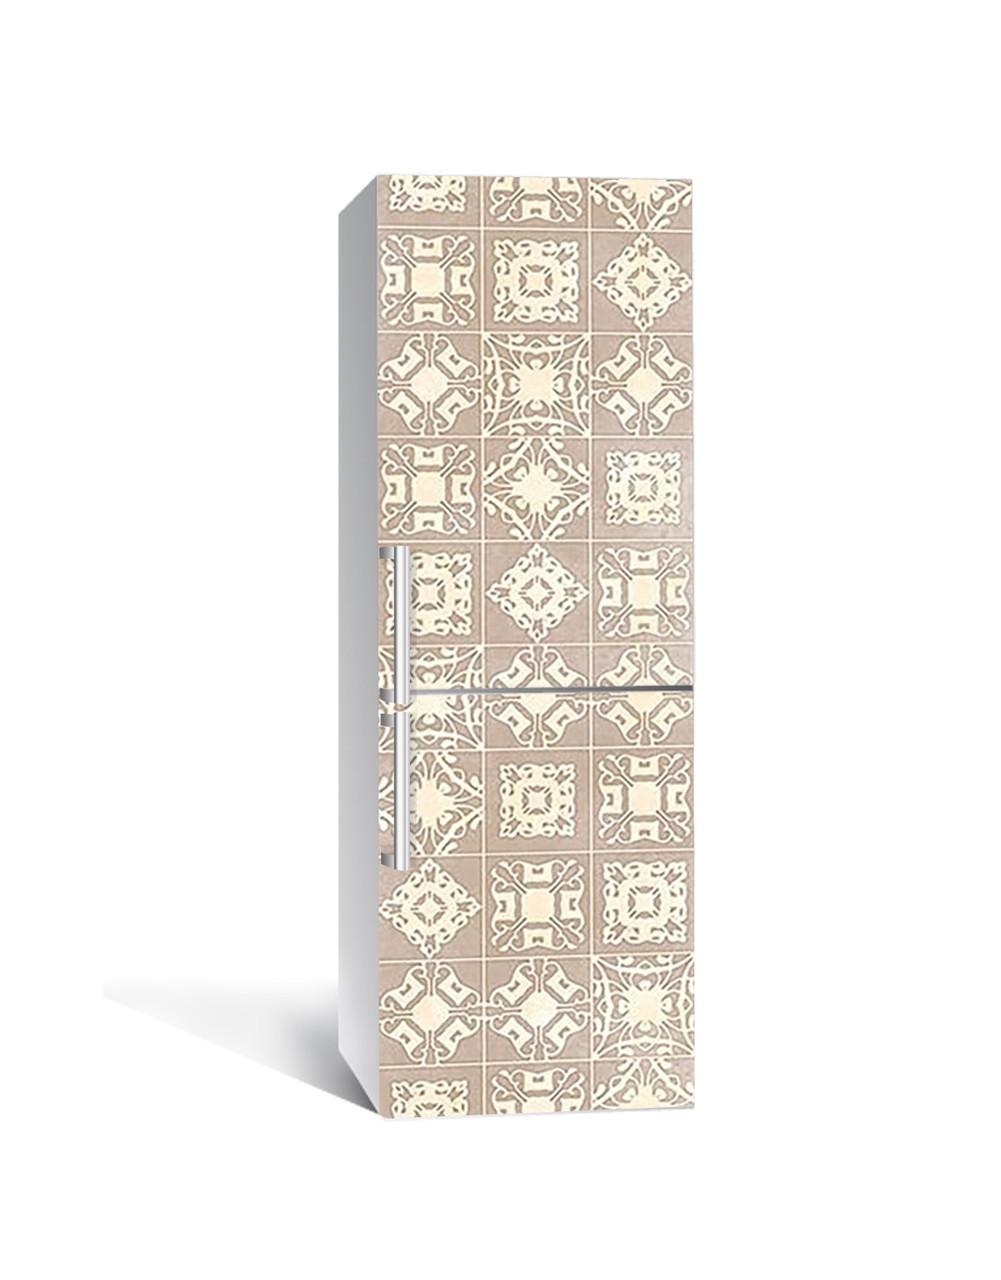 Виниловая наклейка на холодильник 3Д Пастельный азулежу Квадраты Плитка (пленка ПВХ) 65*200см Текстуры Бежевый